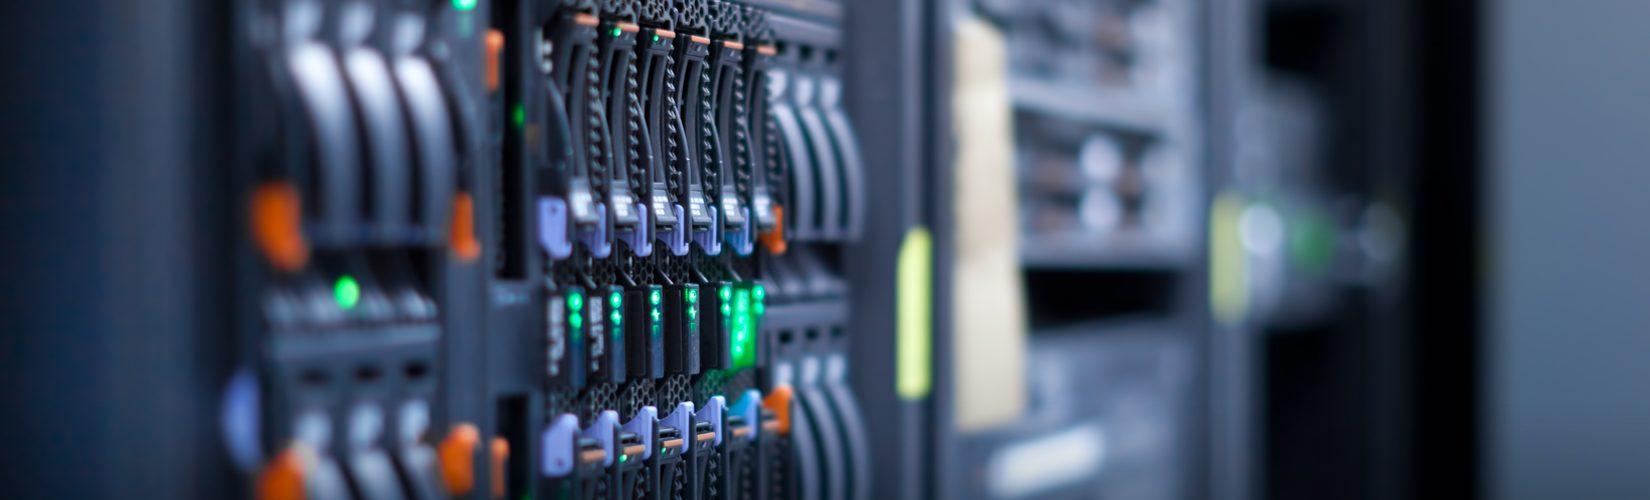 website-hosting-techblogcorner